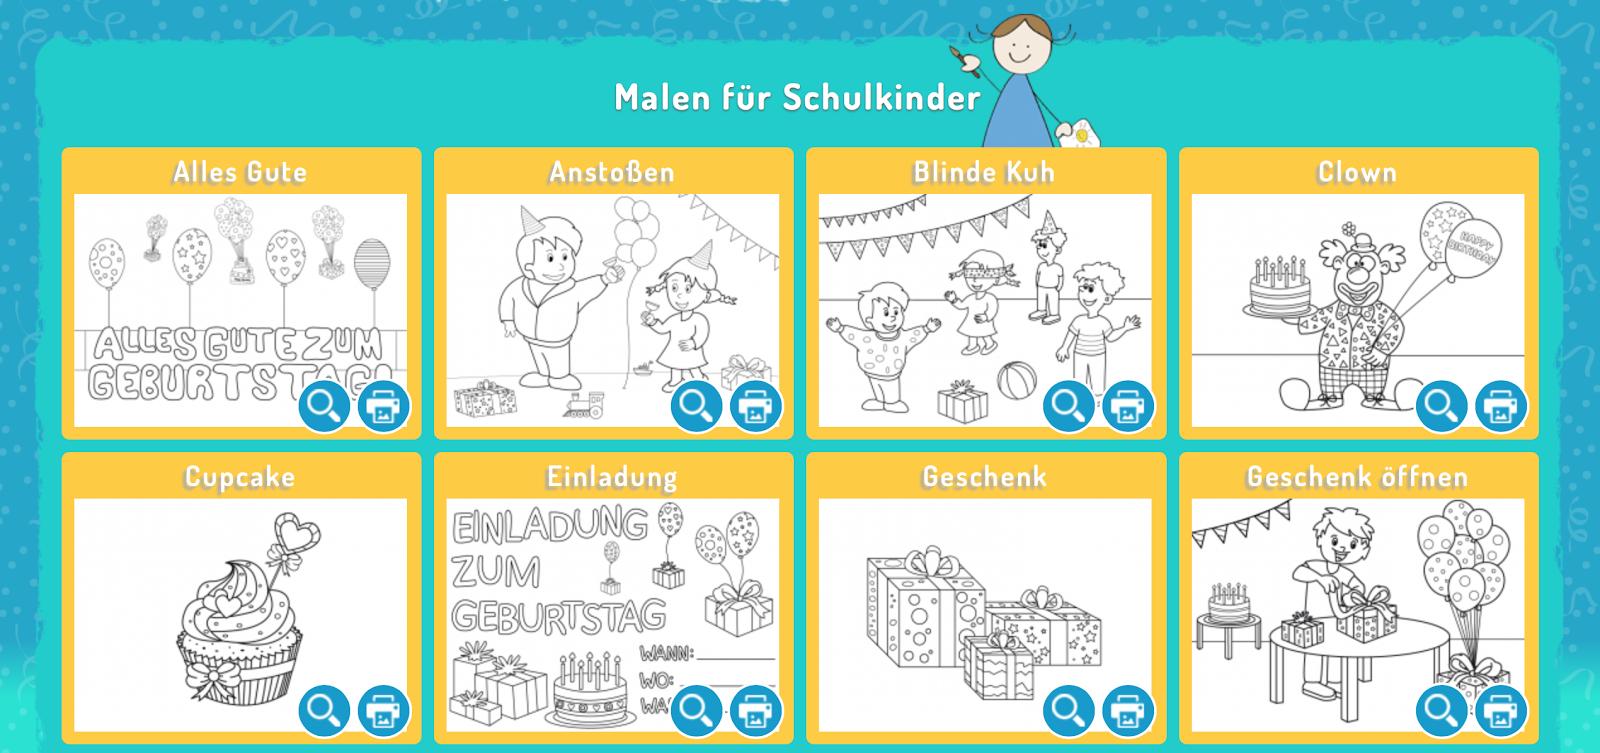 Kindergarten Malvorlagen Kostenlos - KOSTENLOSE AUSMALBILDER zum Ausdrucken und